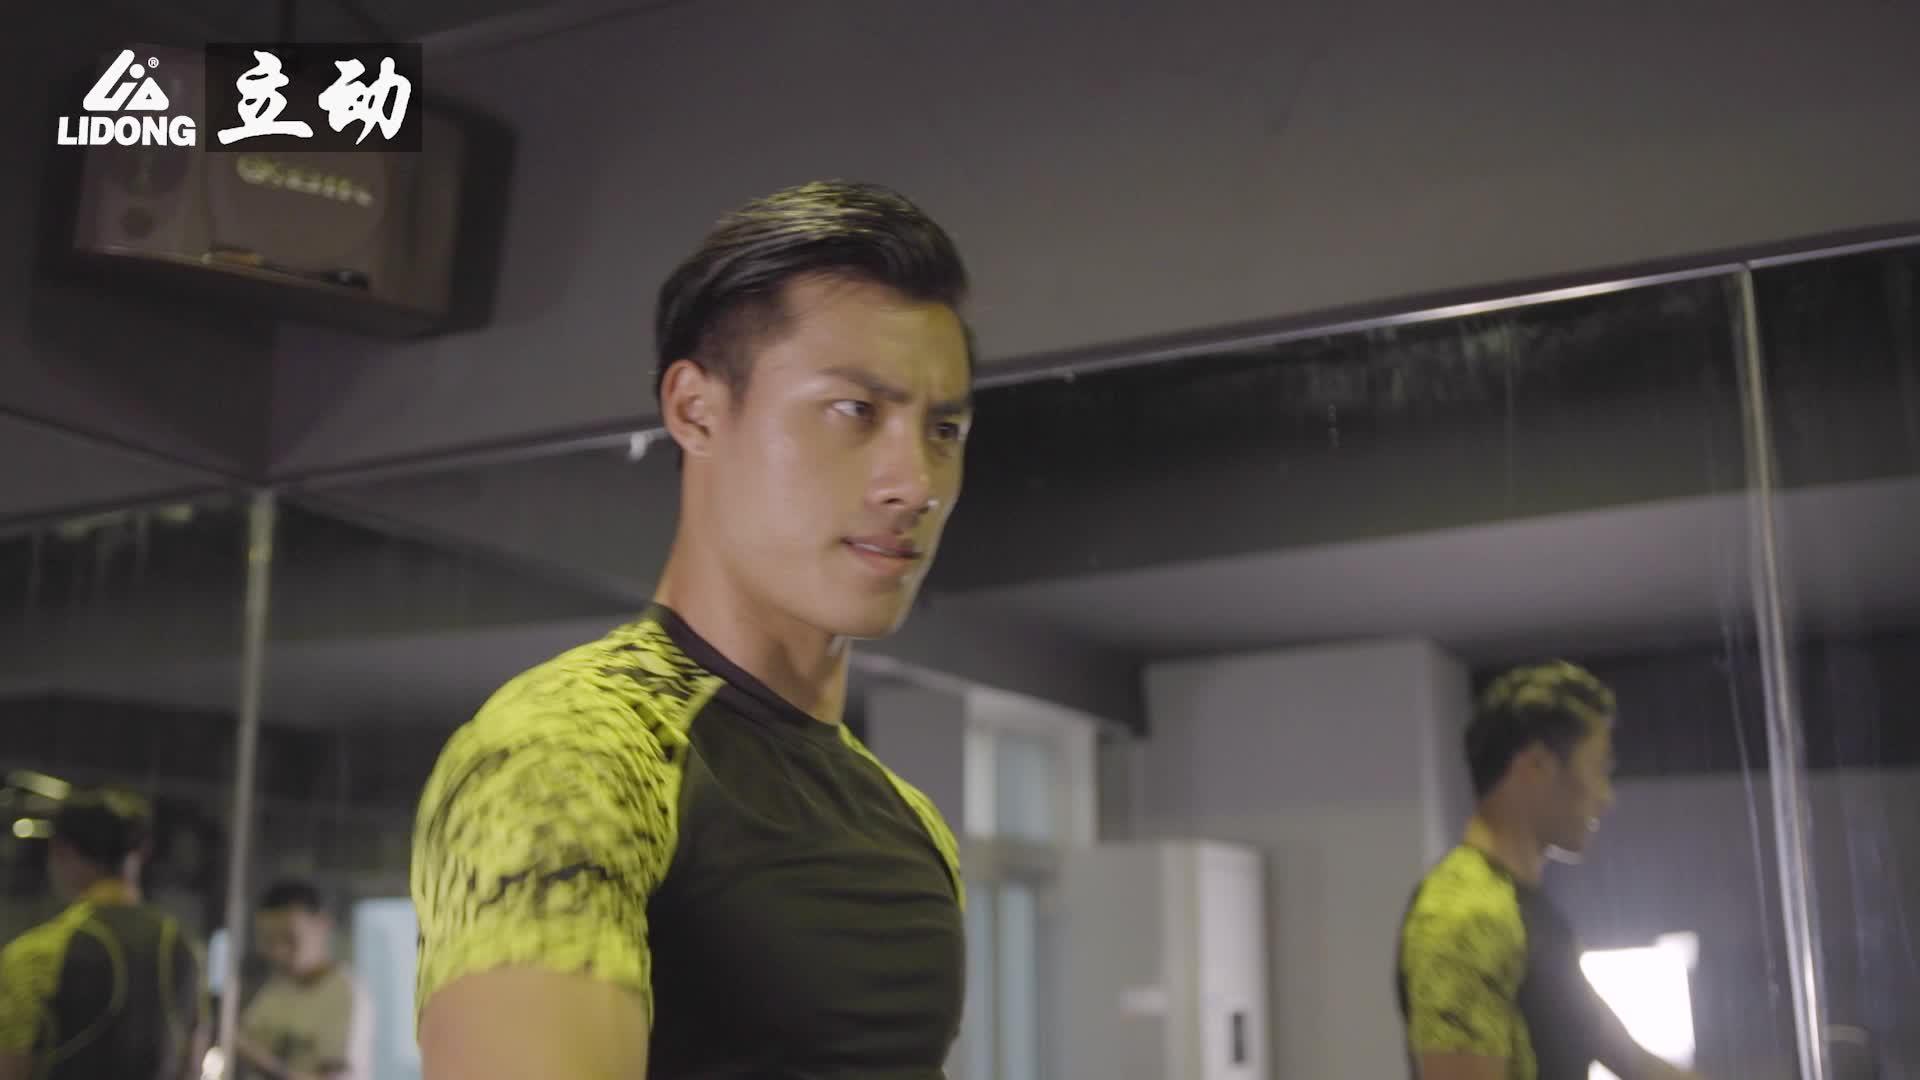 Oem Spor Setleri Süper Fit Kalite Özel Erkek rahat Turuncu Eşofman Özel Logo Ile